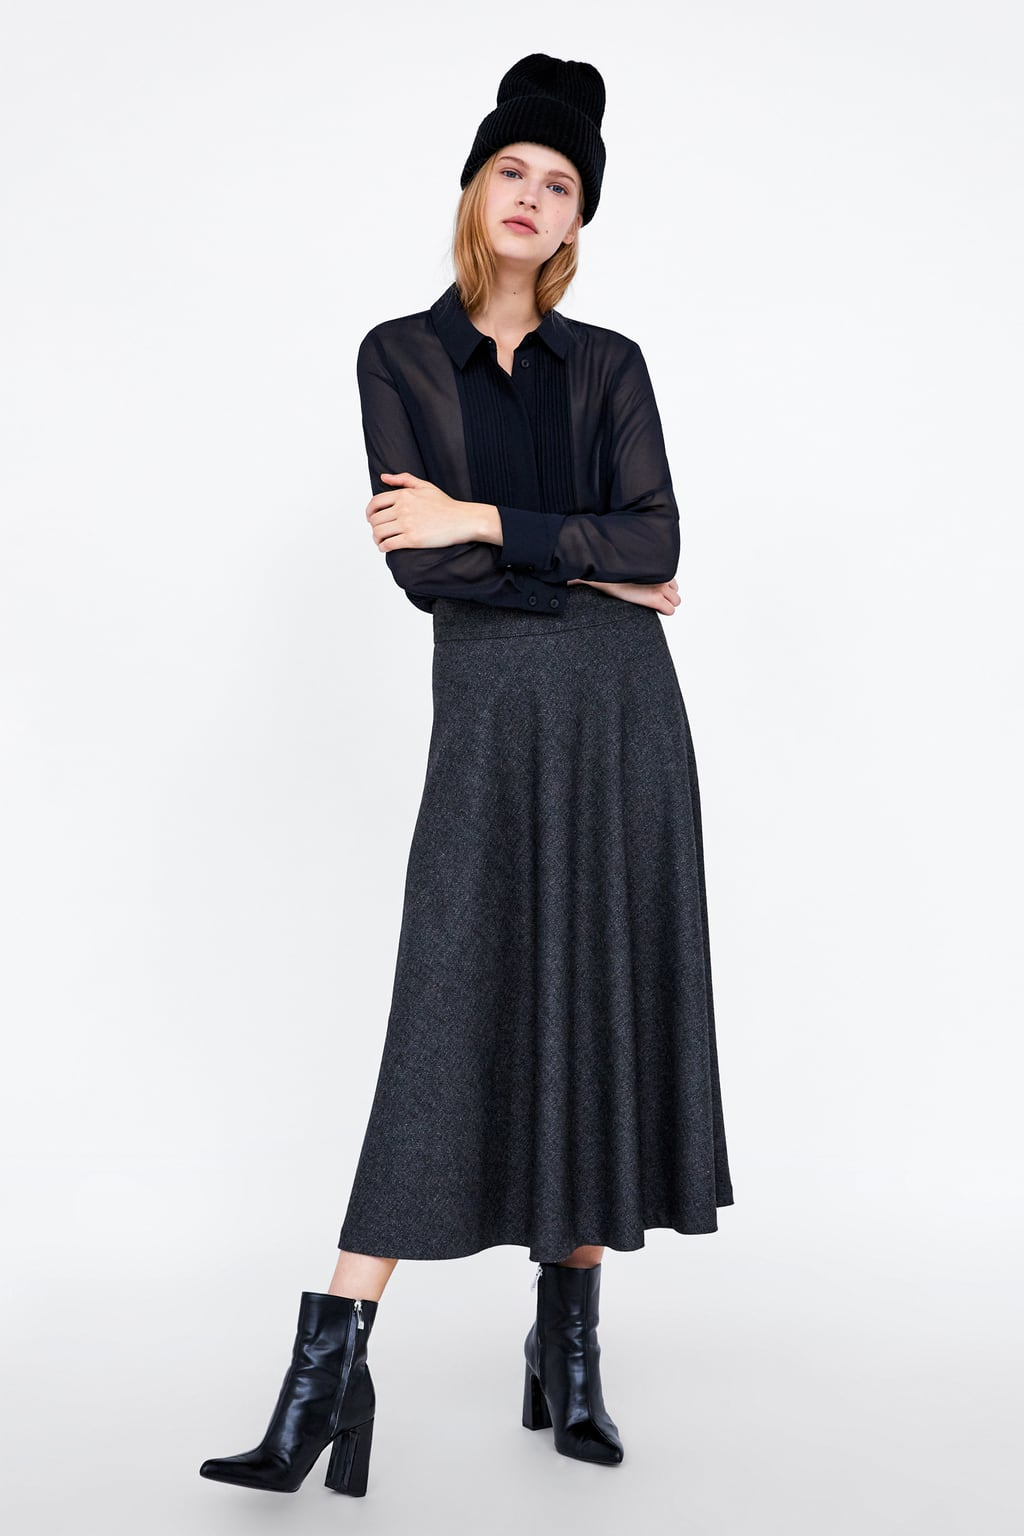 موديلات قمصان زارا 2019 بين العصرية والكلاسيكية